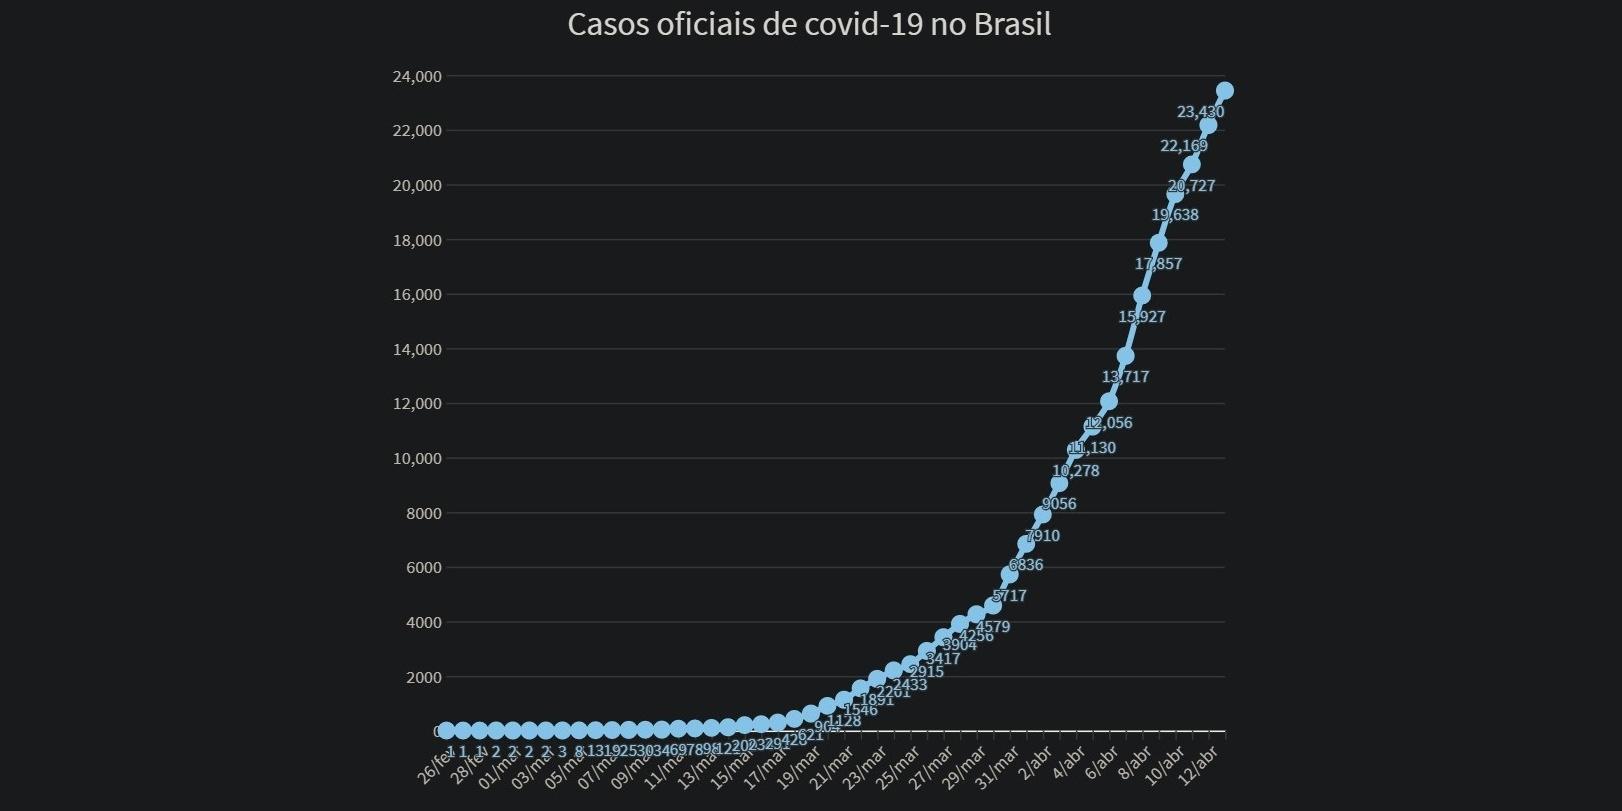 Fonte: Ministério da Saúde/Divulgação